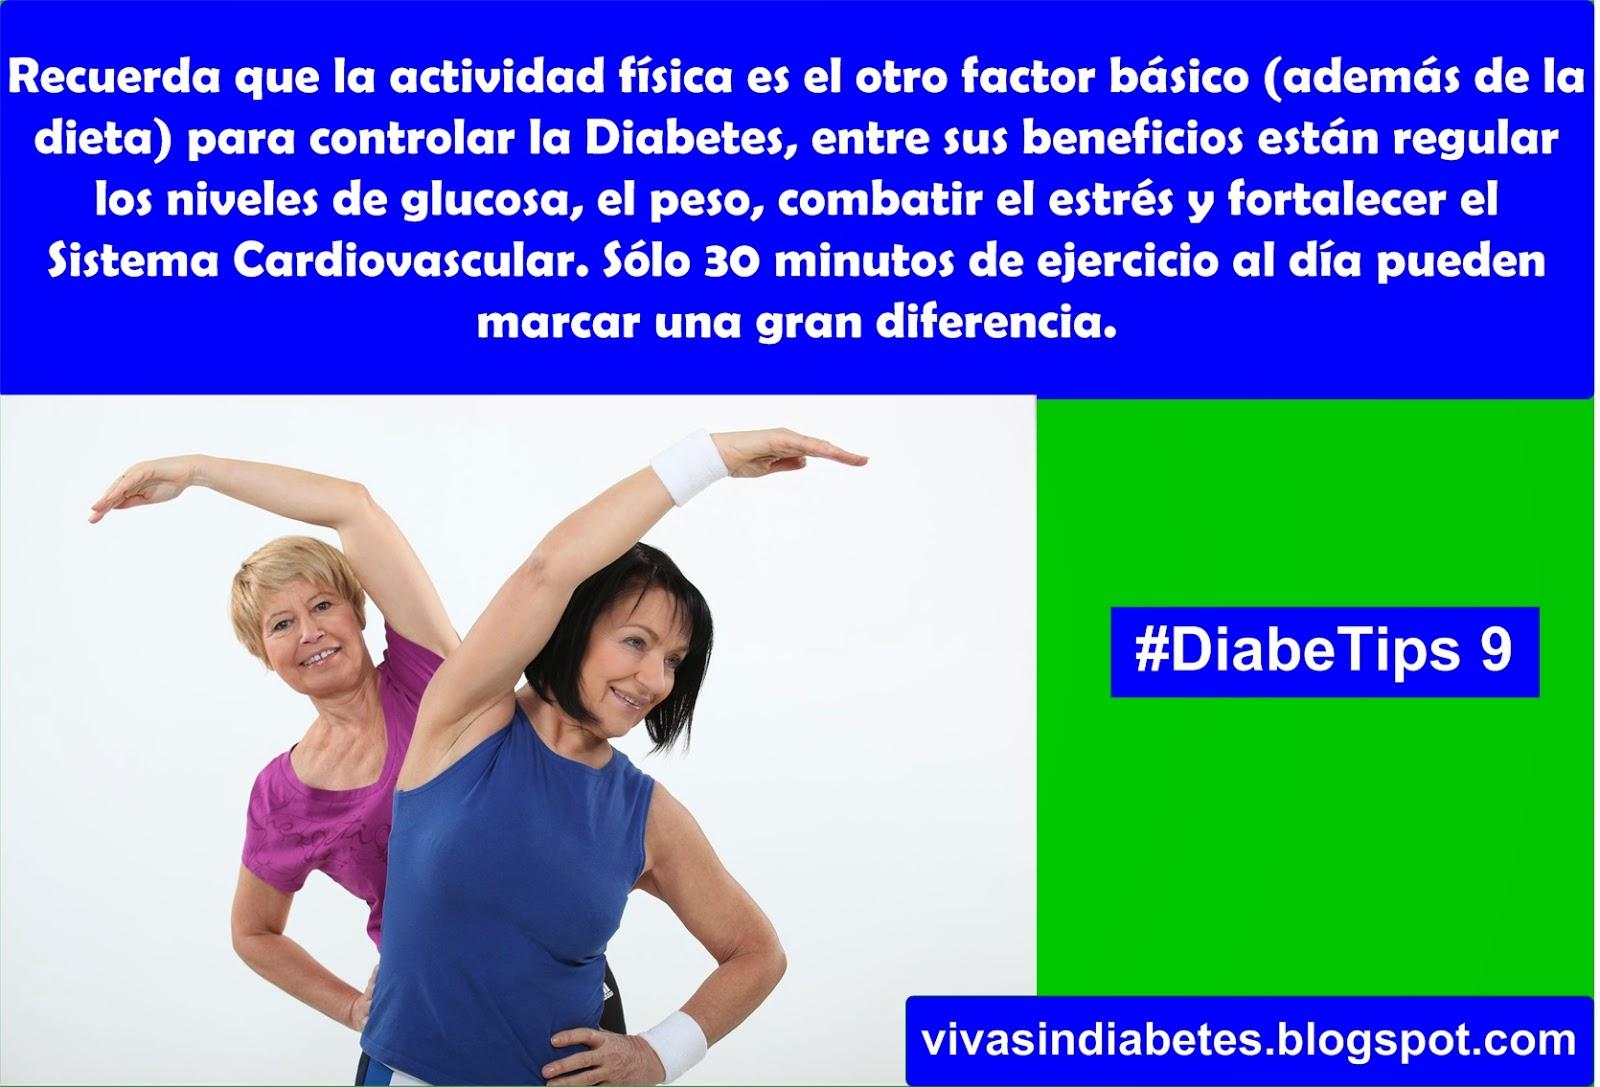 http://vivasindiabetes.blogspot.com/2013/07/ejercicio-tratamiento-de-diabetes.html